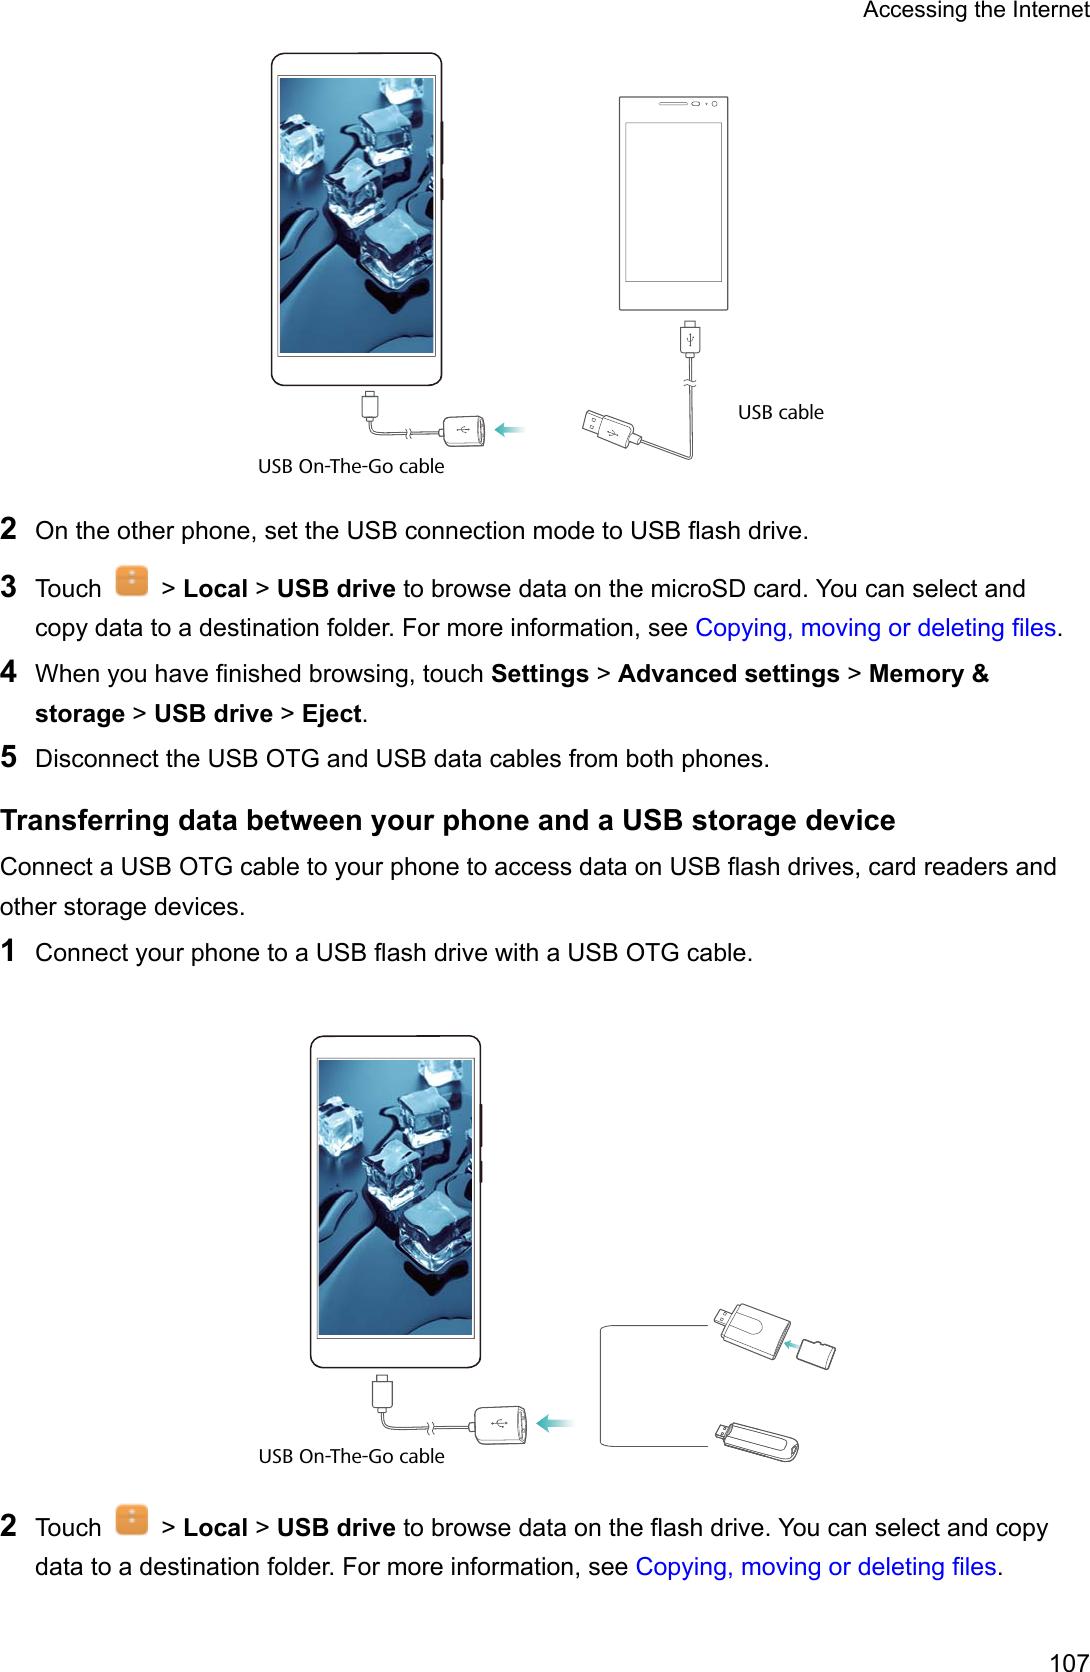 Huawei HONOR 8 User Guide FRD 01 EN UK